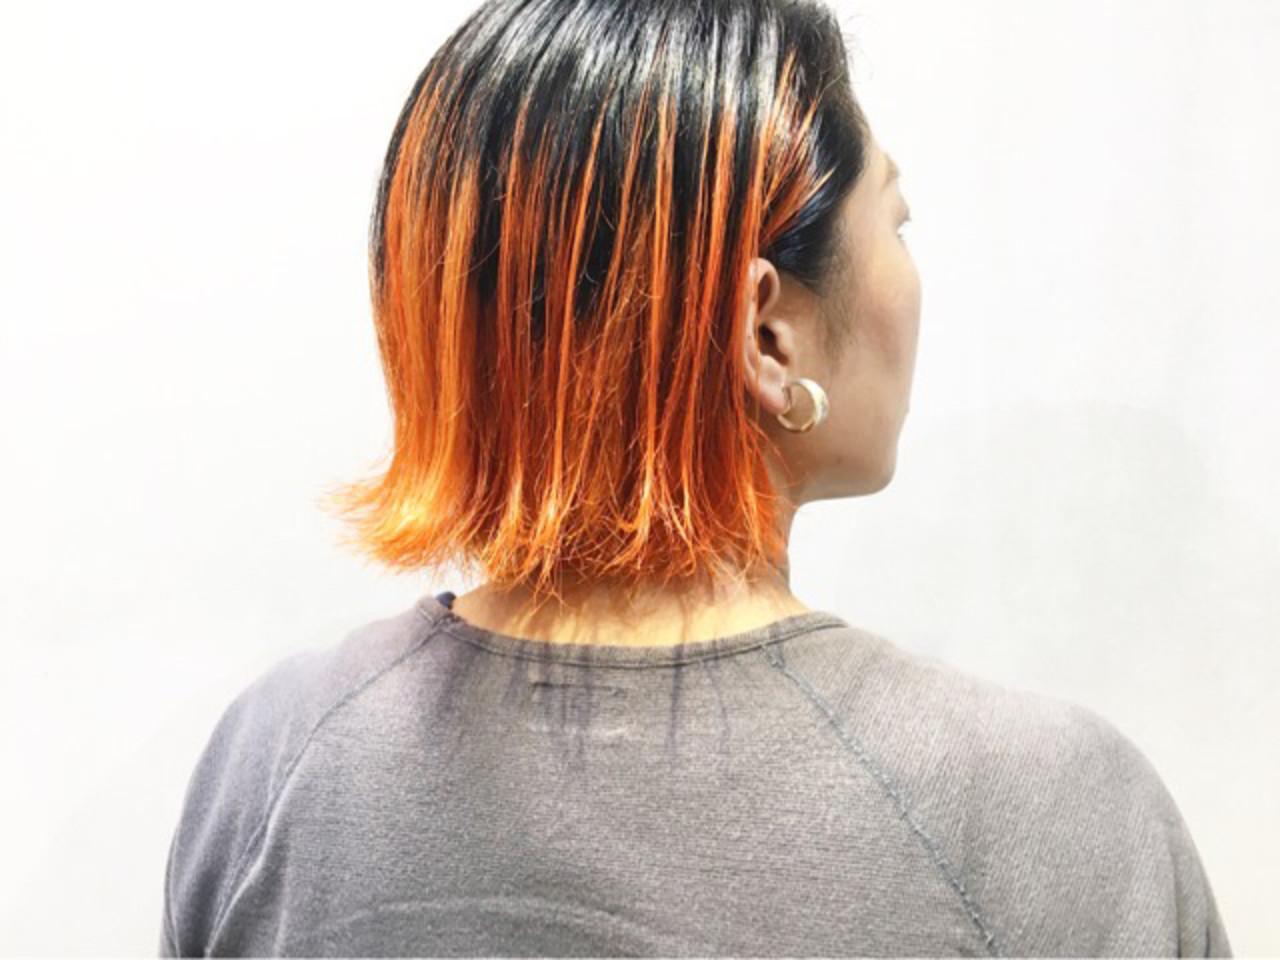 ボブ オレンジベージュ オレンジカラー オレンジブラウン ヘアスタイルや髪型の写真・画像